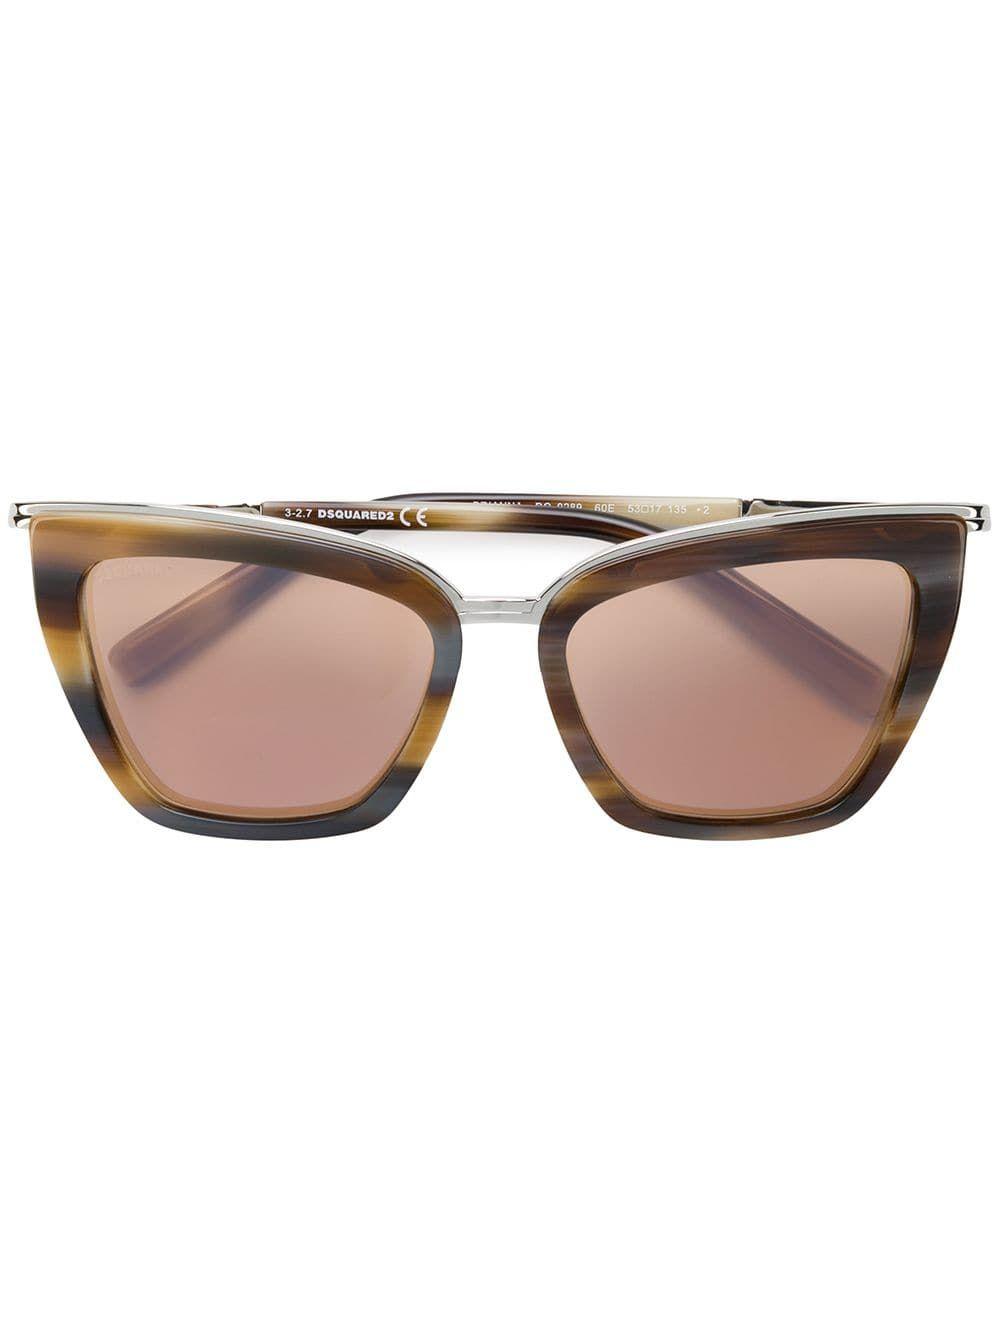 Dsquared2 Brianna sunglasses